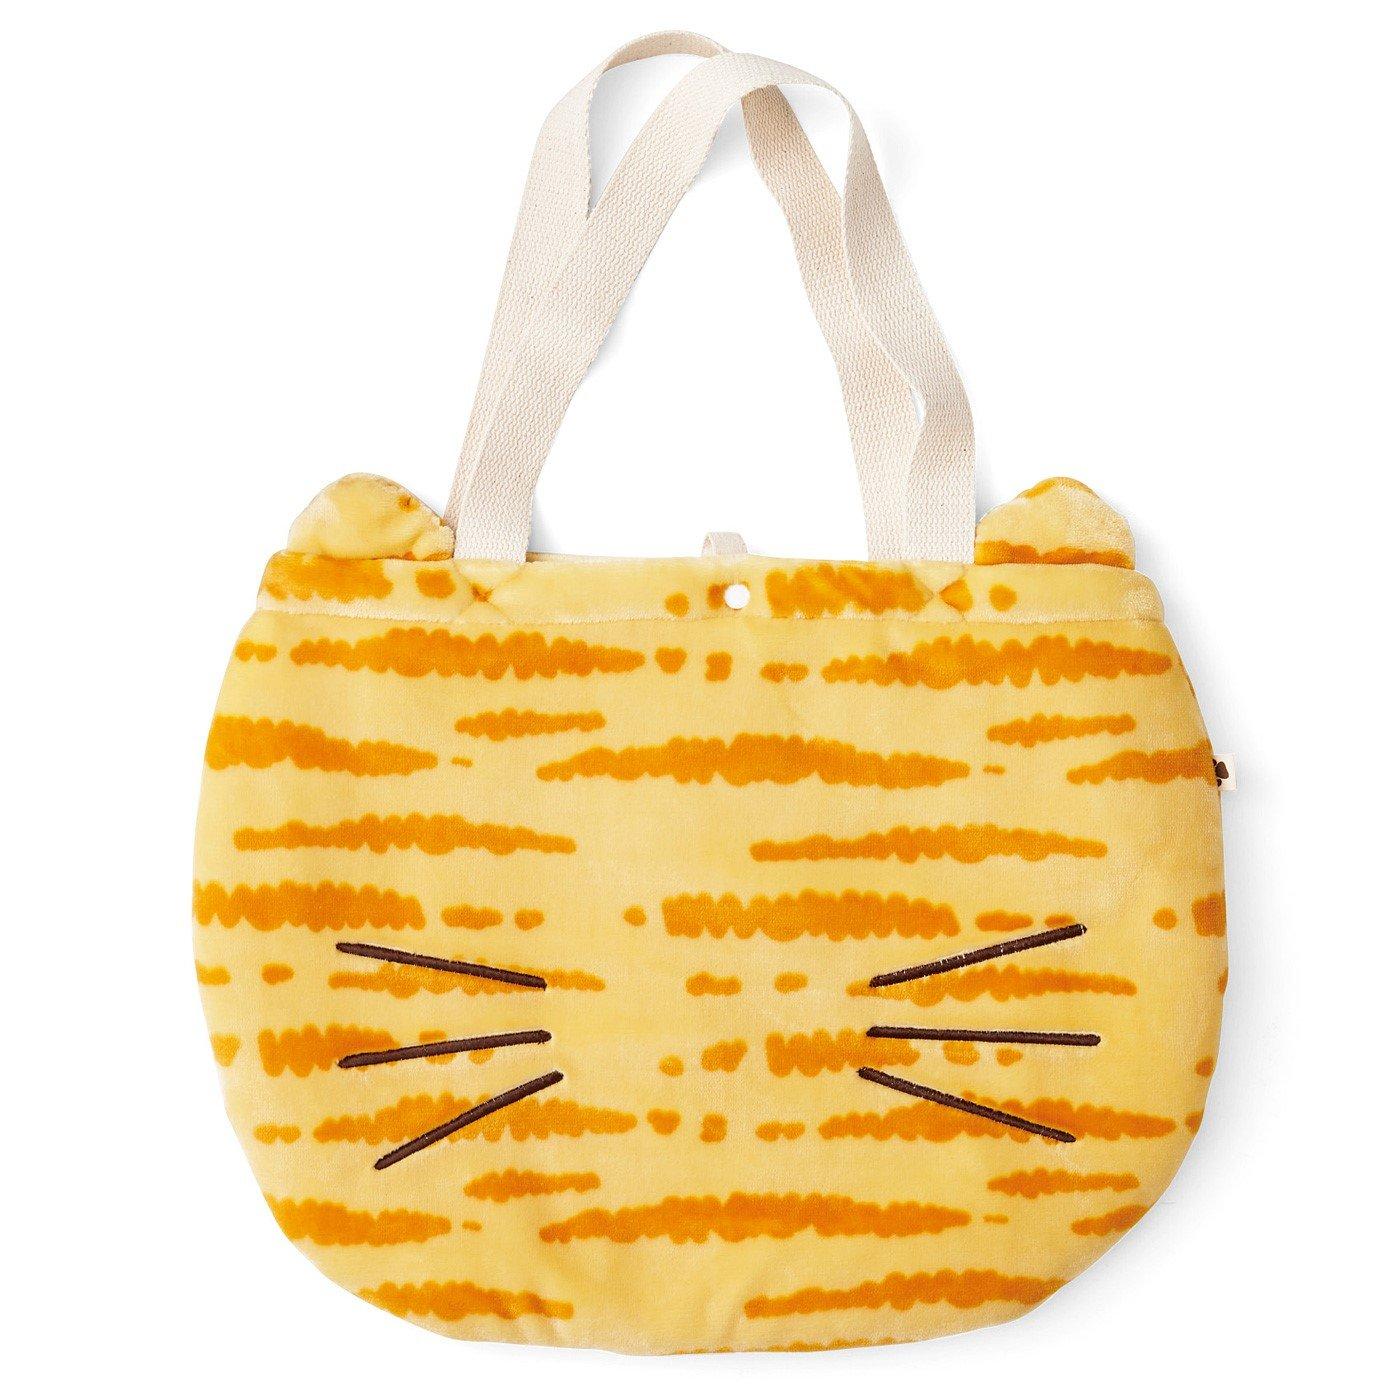 もふもふに包まれる しましま猫のトートバッグの会